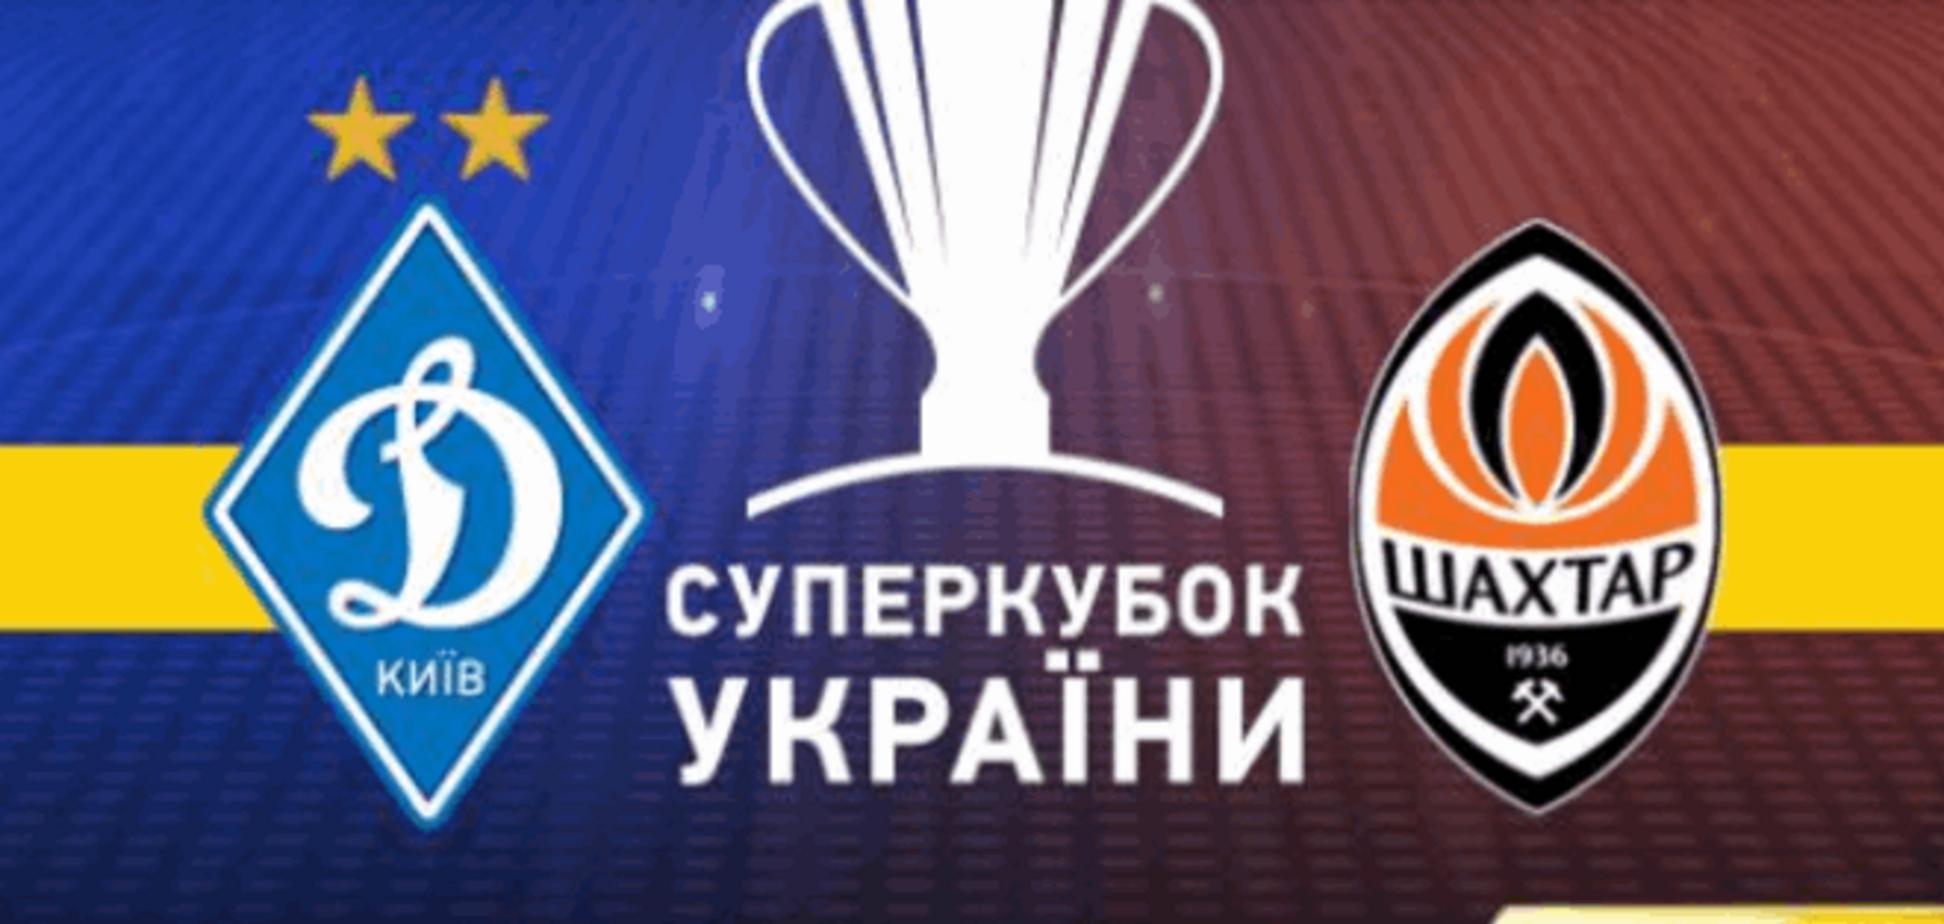 Де дивитися матч за Суперкубок України 'Динамо' - 'Шахтар': розклад трансляцій